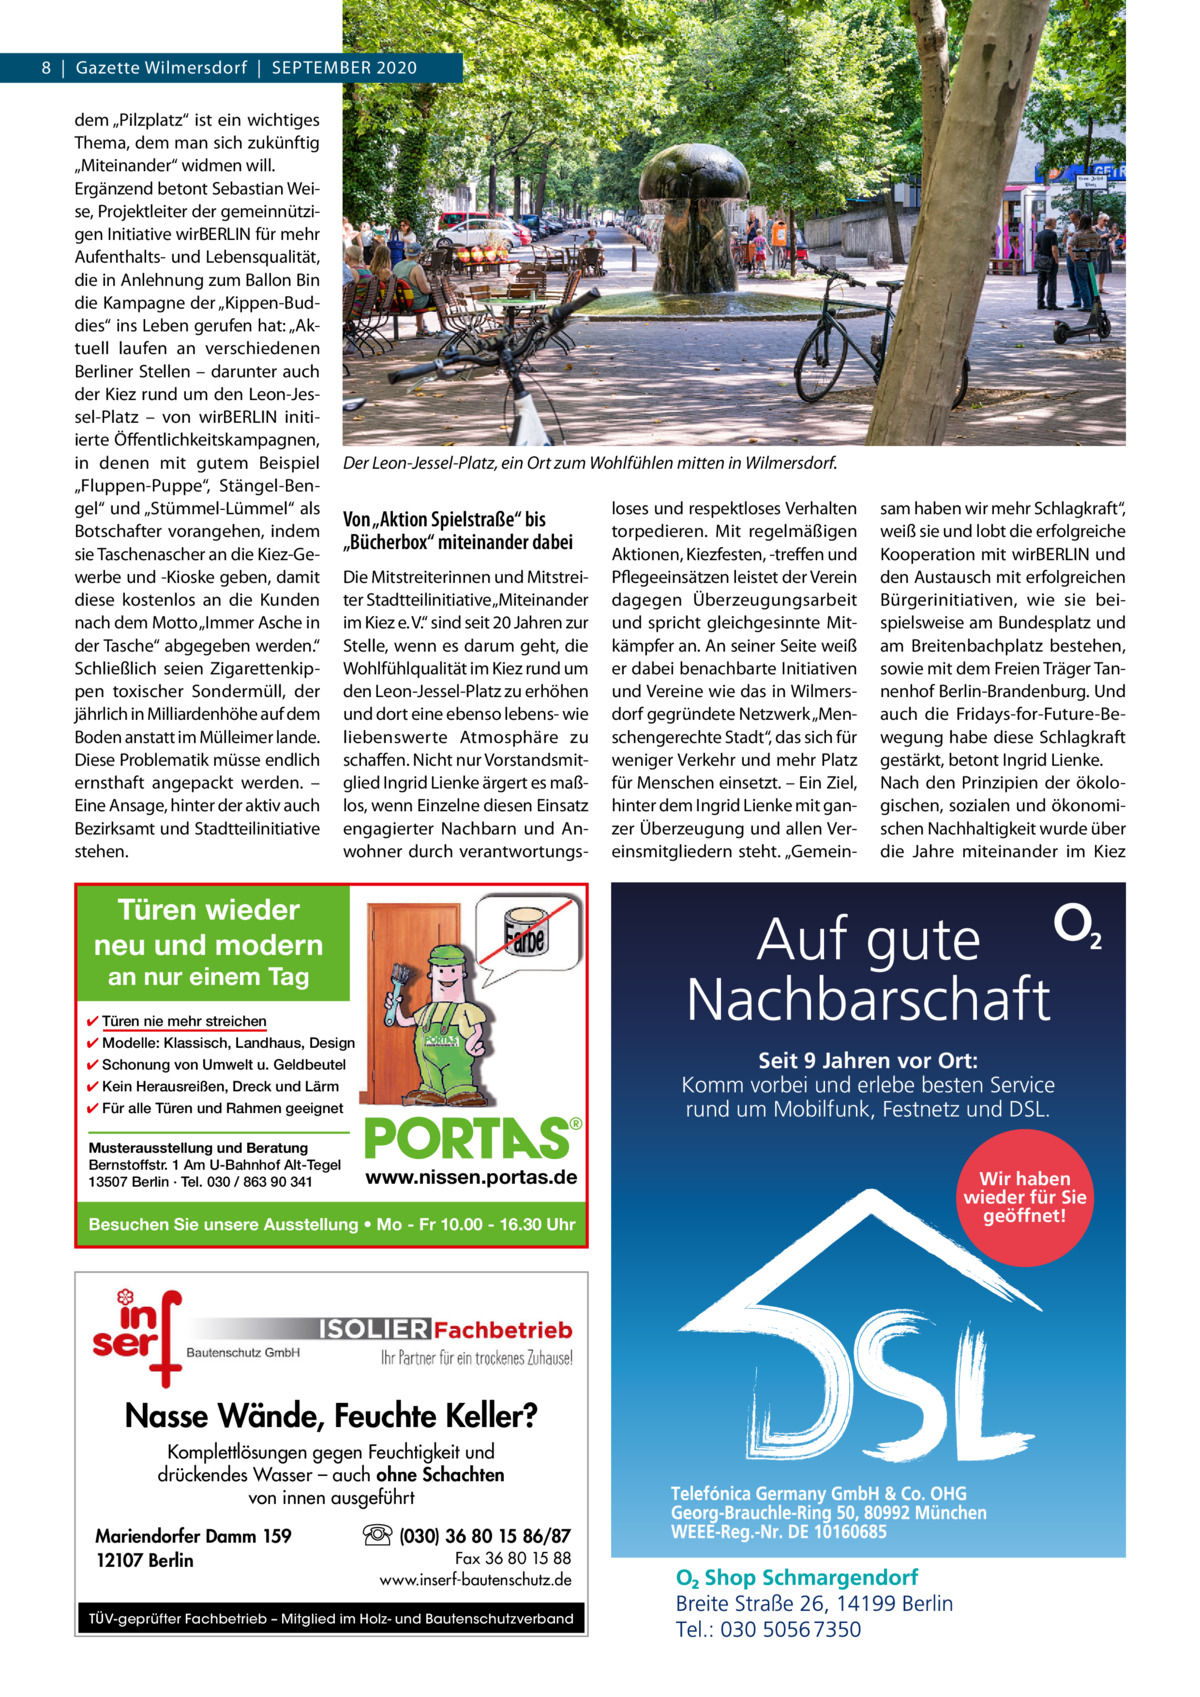 """8 Gazette Wilmersdorf September 2020 dem """"Pilzplatz"""" ist ein wichtiges Thema, dem man sich zukünftig """"Miteinander"""" widmen will. Ergänzend betont Sebastian Weise, Projektleiter der gemeinnützigen Initiative wirBERLIN für mehr Aufenthalts- und Lebensqualität, die in Anlehnung zum Ballon Bin die Kampagne der """"Kippen-Buddies"""" ins Leben gerufen hat: """"Aktuell laufen an verschiedenen Berliner Stellen – darunter auch der Kiez rund um den Leon-Jessel-Platz – von wirBERLIN initiierte Öffentlichkeitskampagnen, in denen mit gutem Beispiel """"Fluppen-Puppe"""", Stängel-Bengel"""" und """"Stümmel-Lümmel"""" als Botschafter vorangehen, indem sie Taschenascher an die Kiez-Gewerbe und -Kioske geben, damit diese kostenlos an die Kunden nach dem Motto """"Immer Asche in der Tasche"""" abgegeben werden."""" Schließlich seien Zigarettenkippen toxischer Sondermüll, der jährlich in Milliardenhöhe auf dem Boden anstatt im Mülleimer lande. Diese Problematik müsse endlich ernsthaft angepackt werden. – Eine Ansage, hinter der aktiv auch Bezirksamt und Stadtteilinitiative stehen.  Der Leon-Jessel-Platz, ein Ort zum Wohlfühlen mitten in Wilmersdorf.  Von """"Aktion Spielstraße"""" bis """"Bücherbox"""" miteinander dabei Die Mitstreiterinnen und Mitstreiter Stadtteilinitiative """"Miteinander im Kiez e.V."""" sind seit 20Jahren zur Stelle, wenn es darum geht, die Wohlfühlqualität im Kiez rund um den Leon-Jessel-Platz zu erhöhen und dort eine ebenso lebens- wie liebenswerte Atmosphäre zu schaffen. Nicht nur Vorstandsmitglied Ingrid Lienke ärgert es maßlos, wenn Einzelne diesen Einsatz engagierter Nachbarn und Anwohner durch verantwortungs Türen wieder neu und modern ✔ Türen nie mehr streichen ✔ Modelle: Klassisch, Landhaus, Design  Seit 9 Jahren vor Ort: Komm vorbei und erlebe besten Service rund um Mobilfunk, Festnetz und DSL.  ✔ Schonung von Umwelt u. Geldbeutel ✔ Kein Herausreißen, Dreck und Lärm ✔ Für alle Türen und Rahmen geeignet  www.nissen.portas.de  Besuchen Sie unsere Ausstellung • Mo - Fr 10.00 - 16.30 Uhr  Nasse Wände, Feuch"""